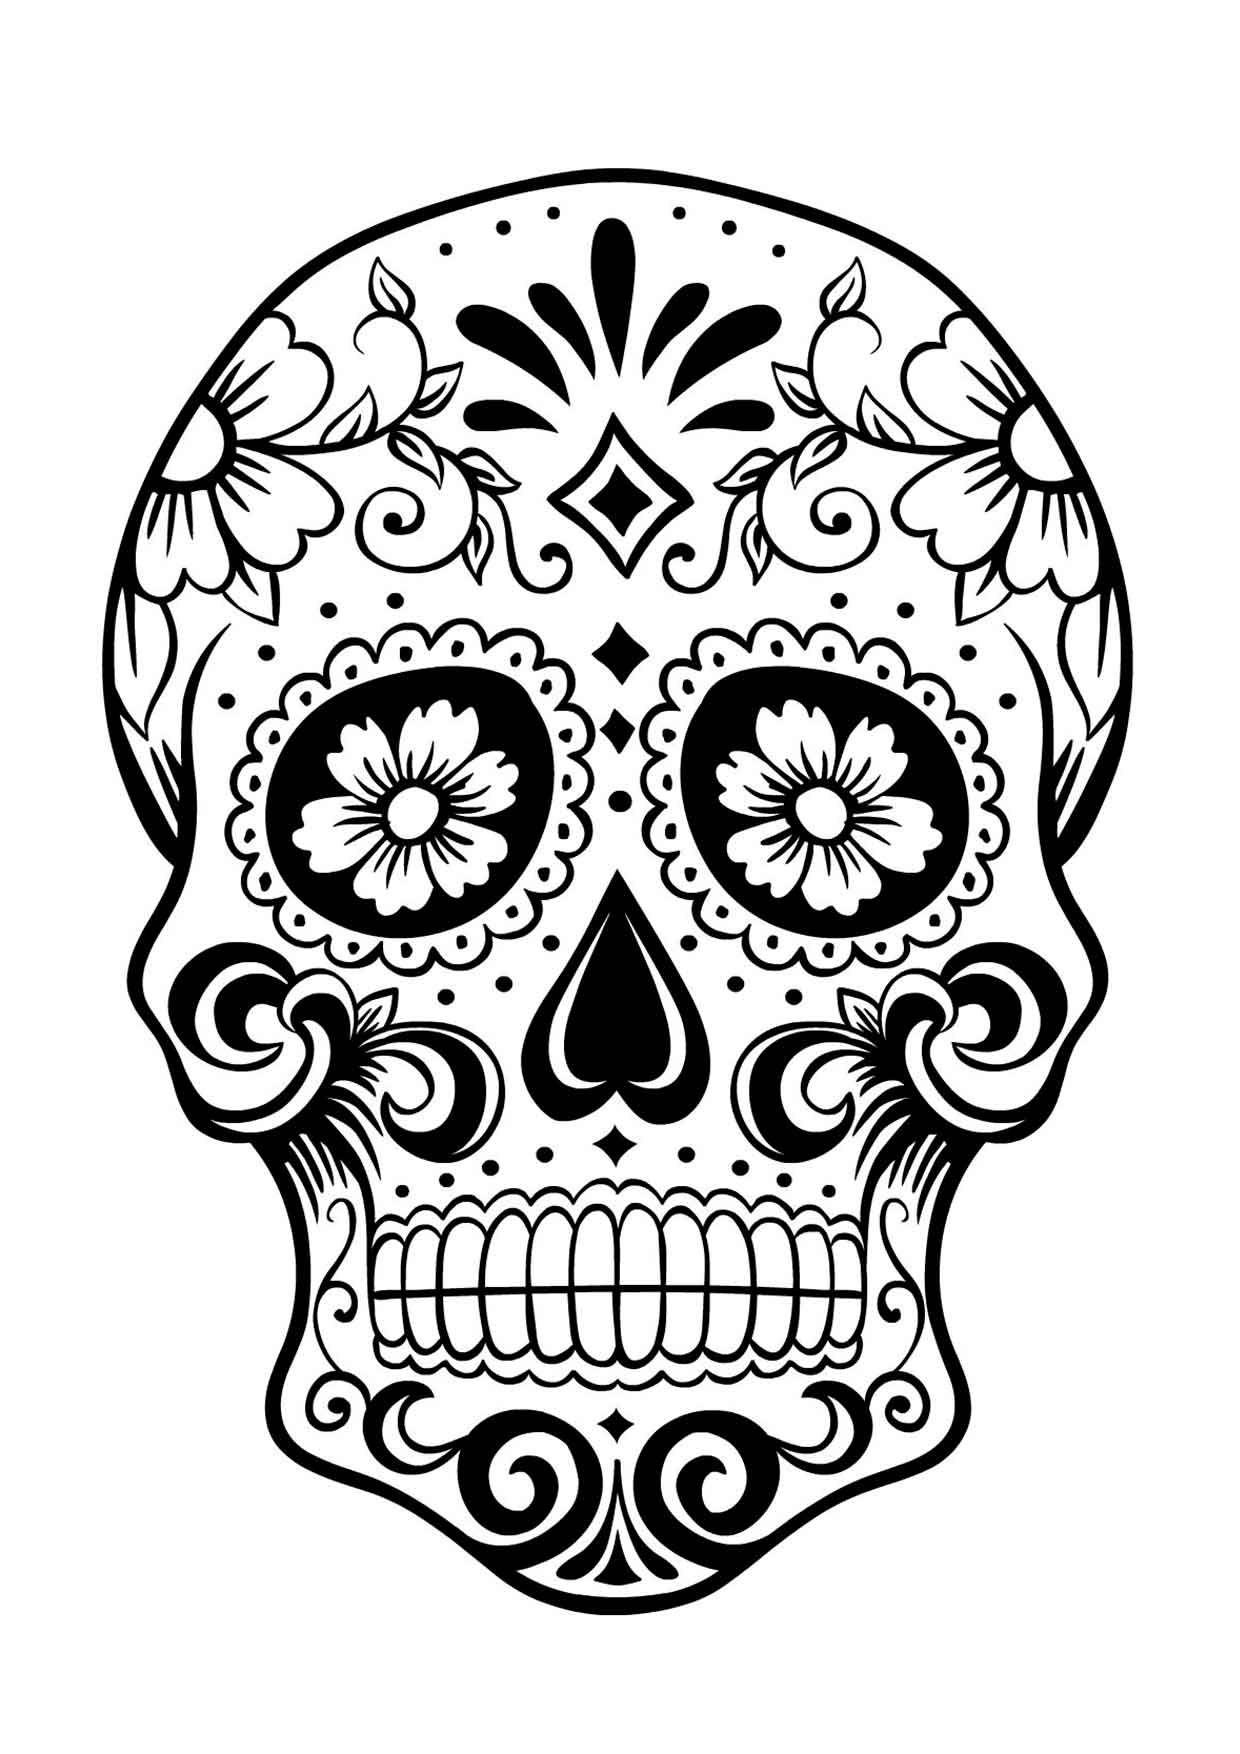 20 Padrisimos Mandalas De Dia De Muertos Para Imprimir Y Colorear Mujer De 10 Guia Real Para La Mujer Actual Enterate Ya Calaveras Mexicanas Para Colorear Dibujo Dia De Muertos